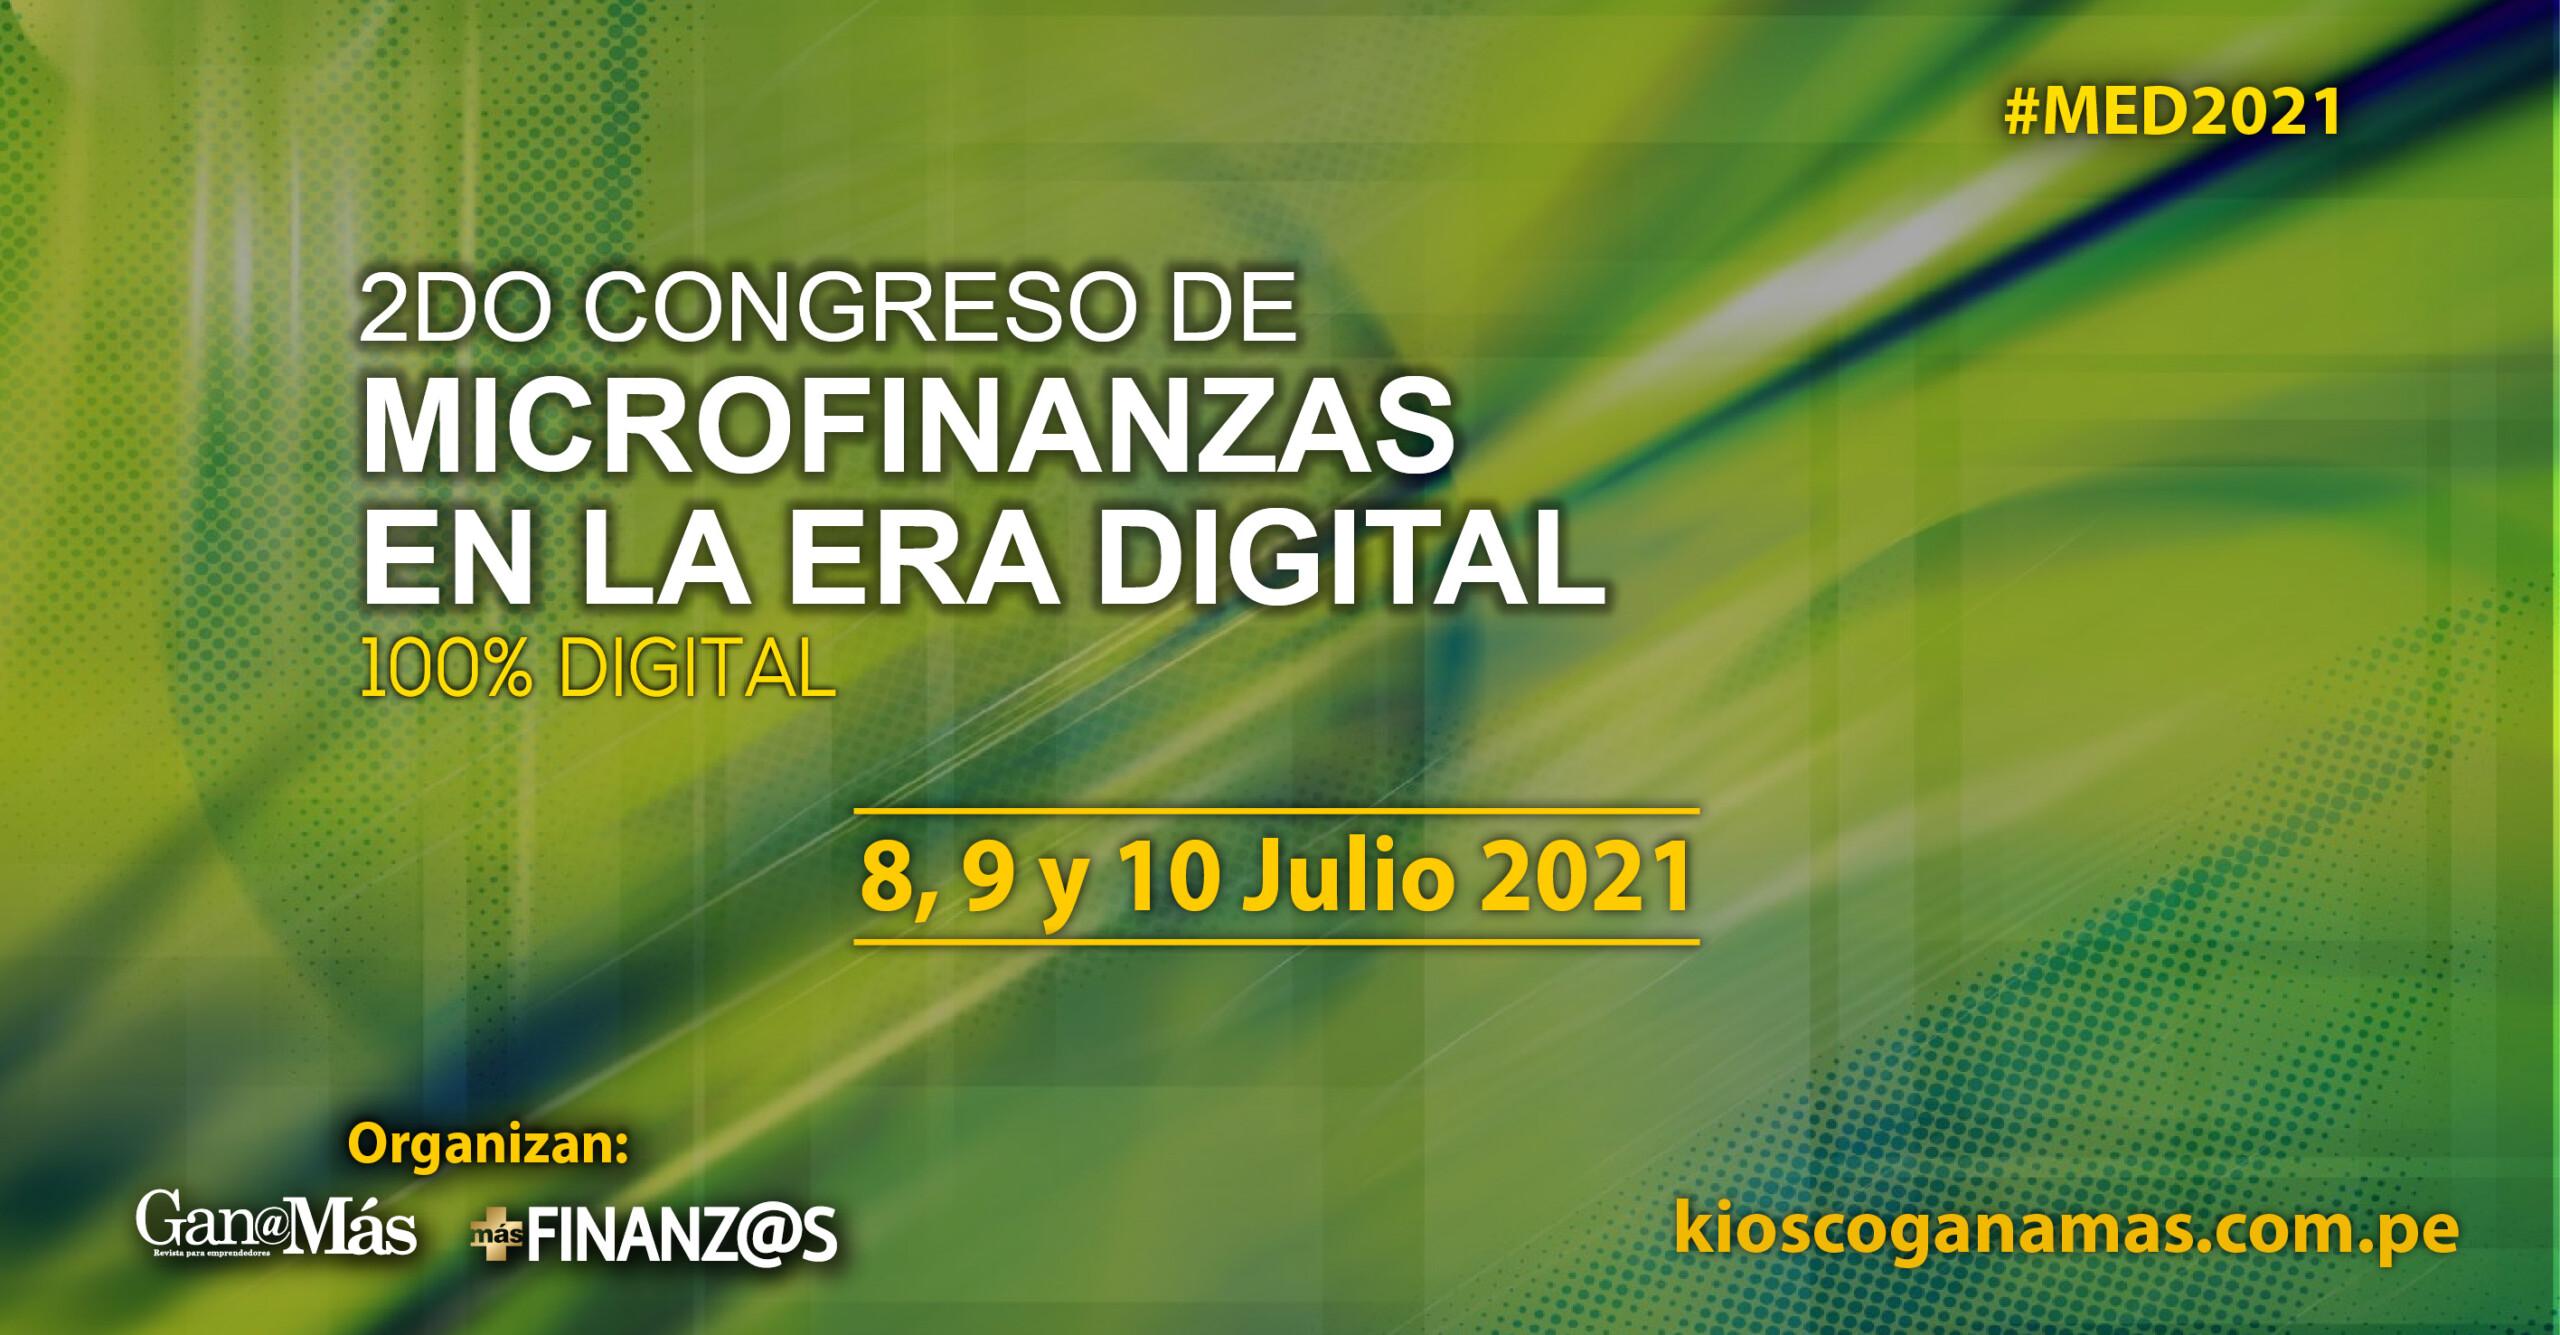 2do Congreso de Microfinanzas en la Era Digital